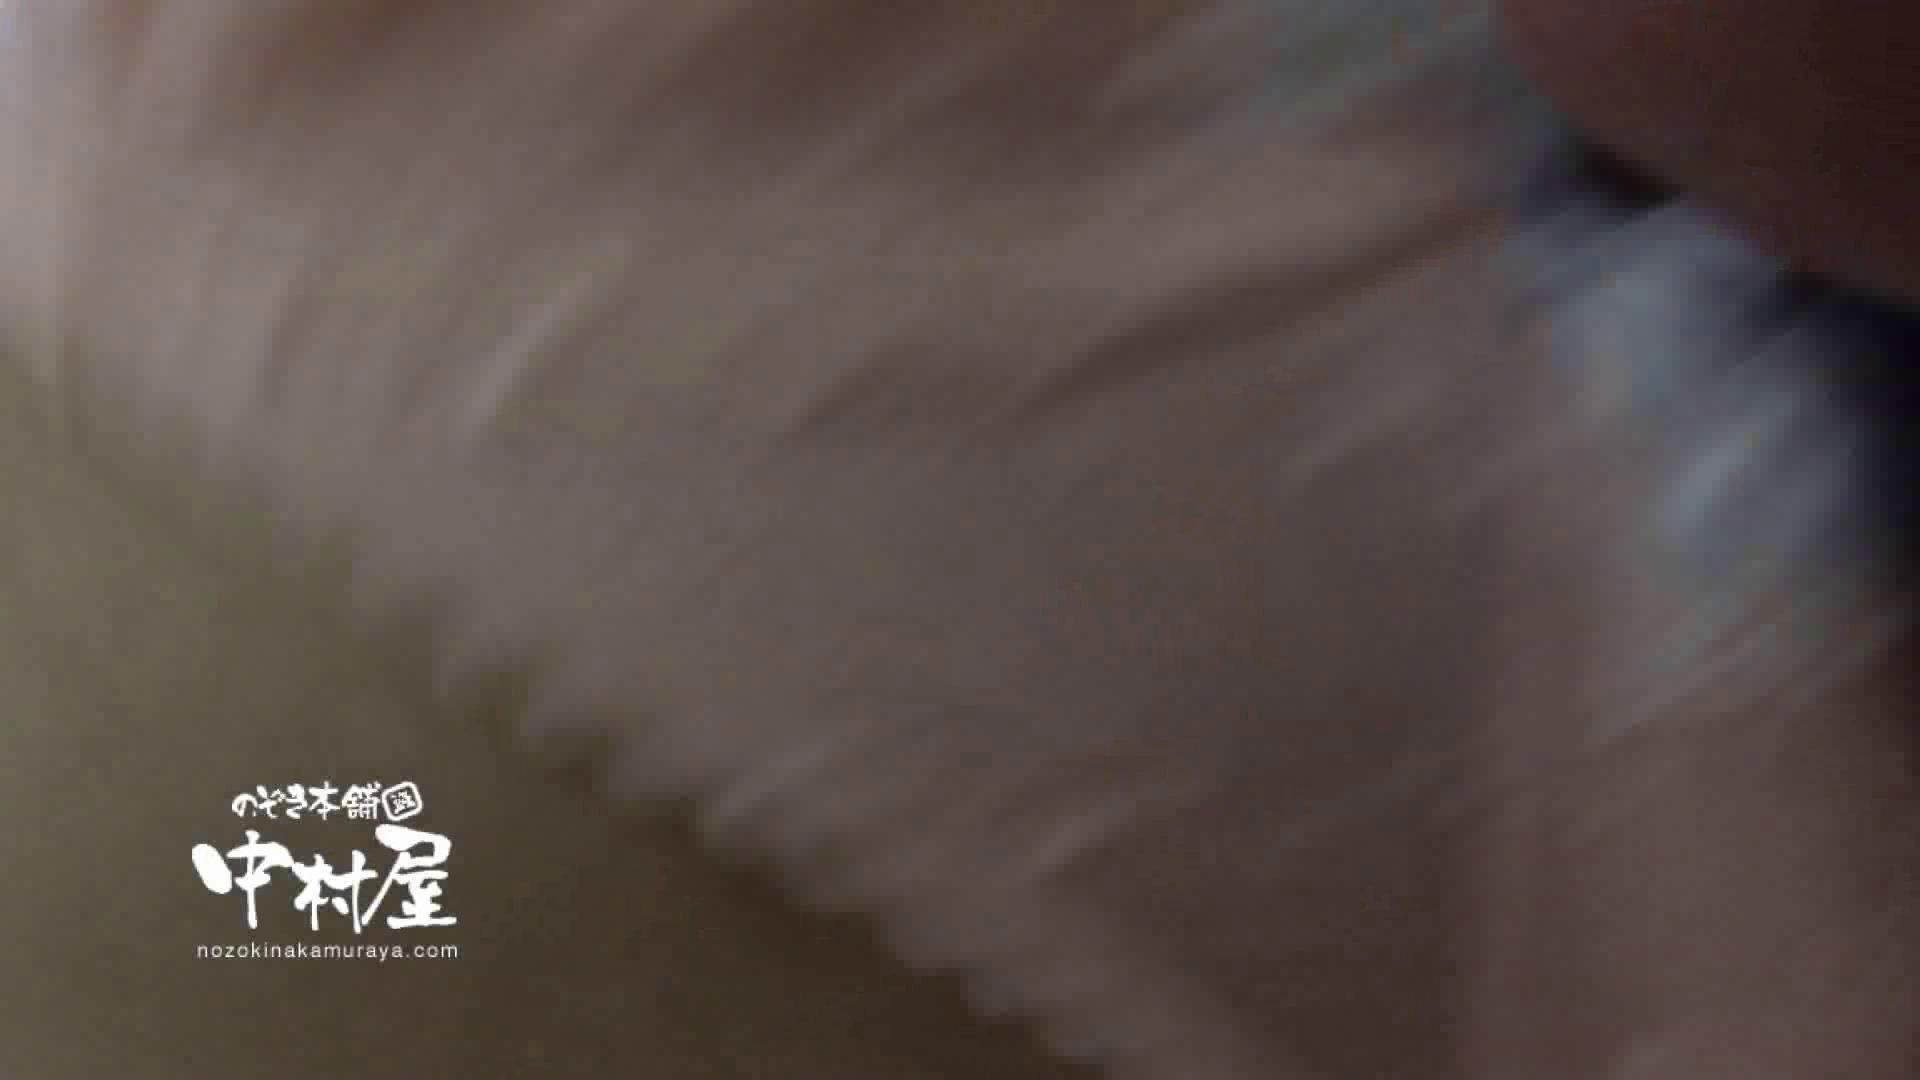 鬼畜 vol.15 ハスキーボイスで感じてんじゃねーよ! 前編 OLハメ撮り  94Pix 35